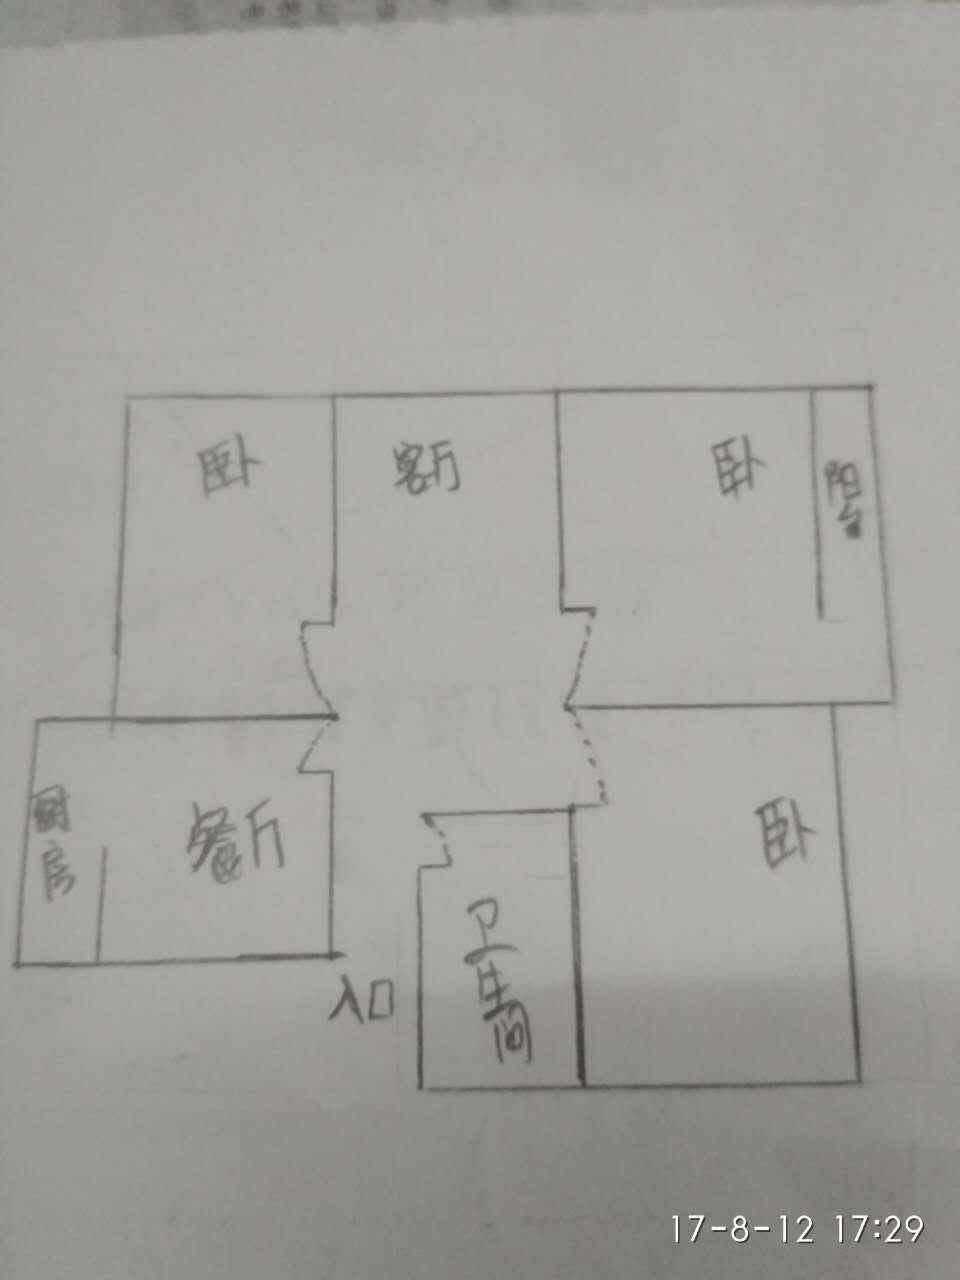 公安局宿舍(新湖) 3室2厅 3楼